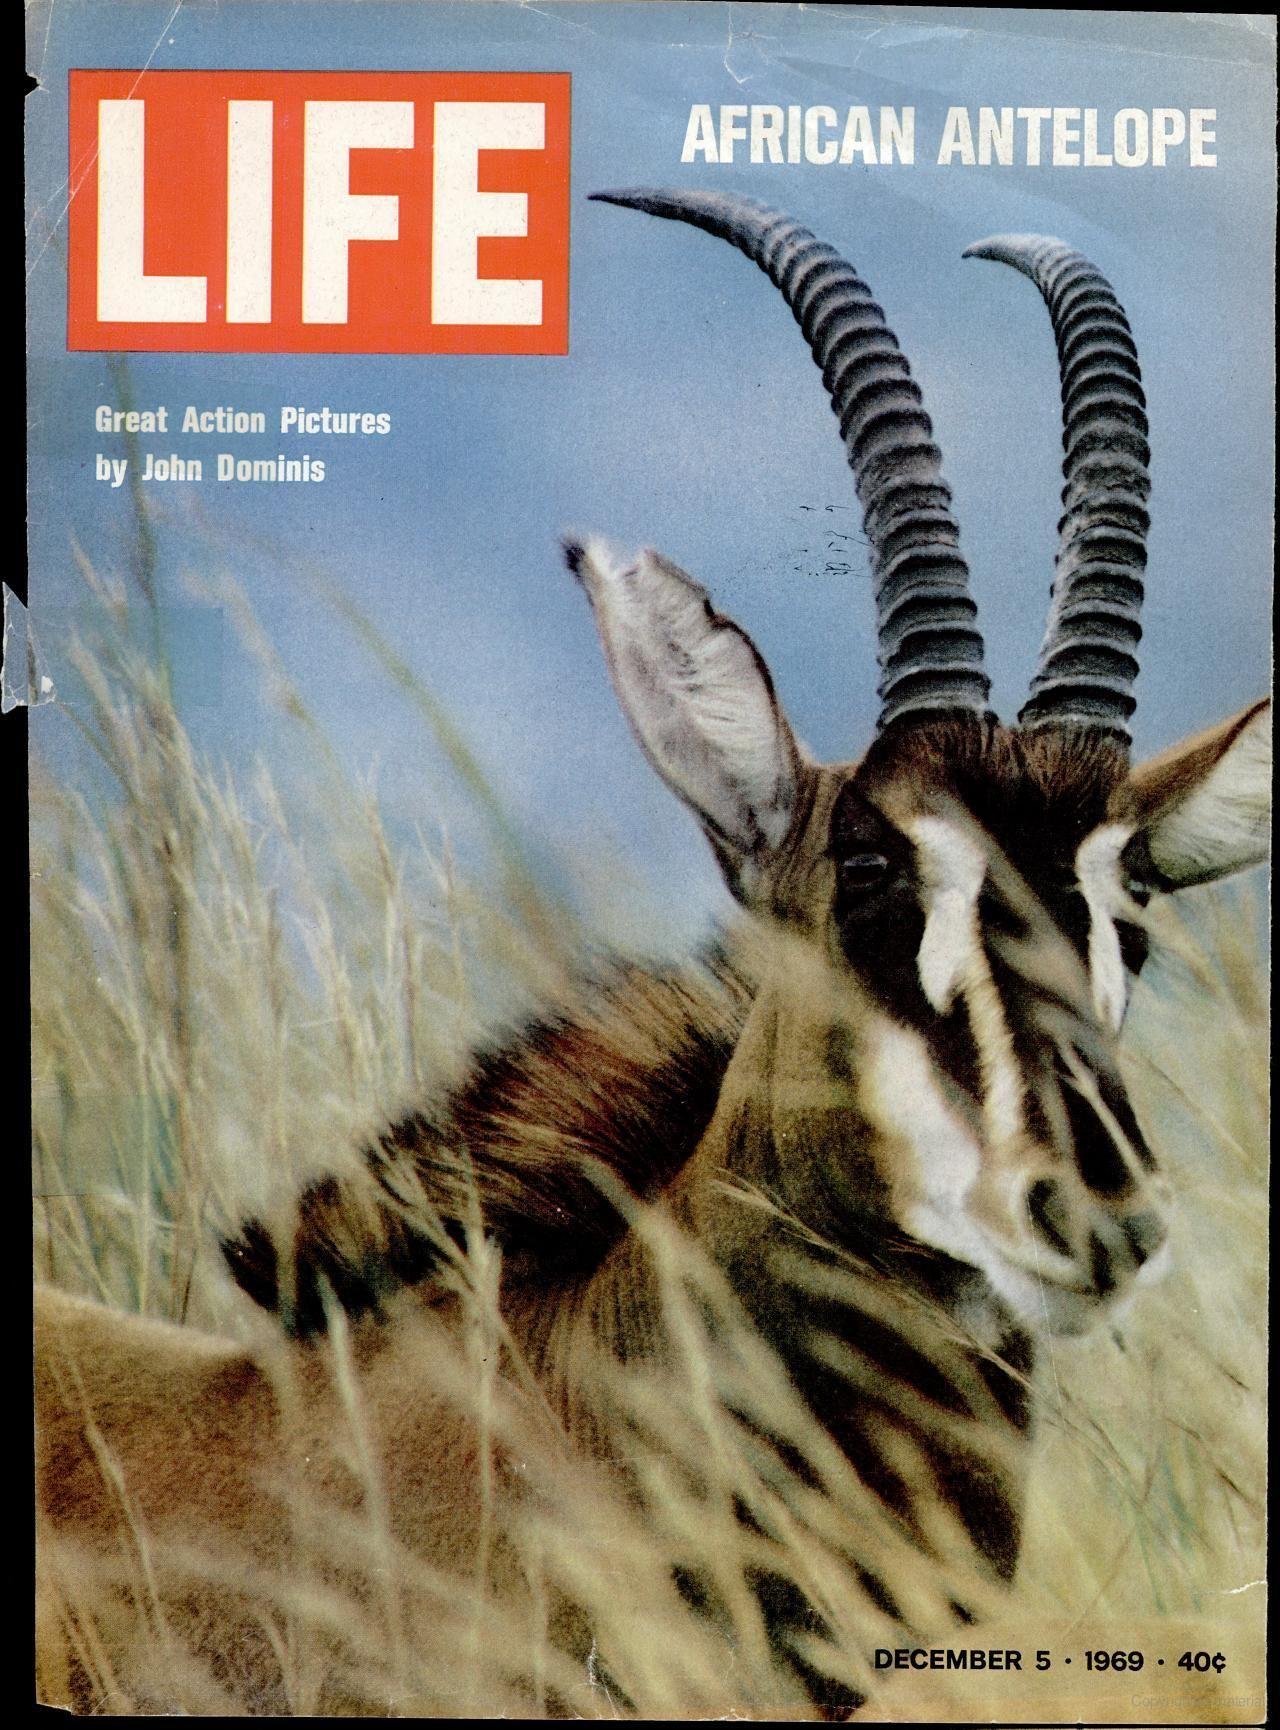 December 5, 1969 (African Antelope)